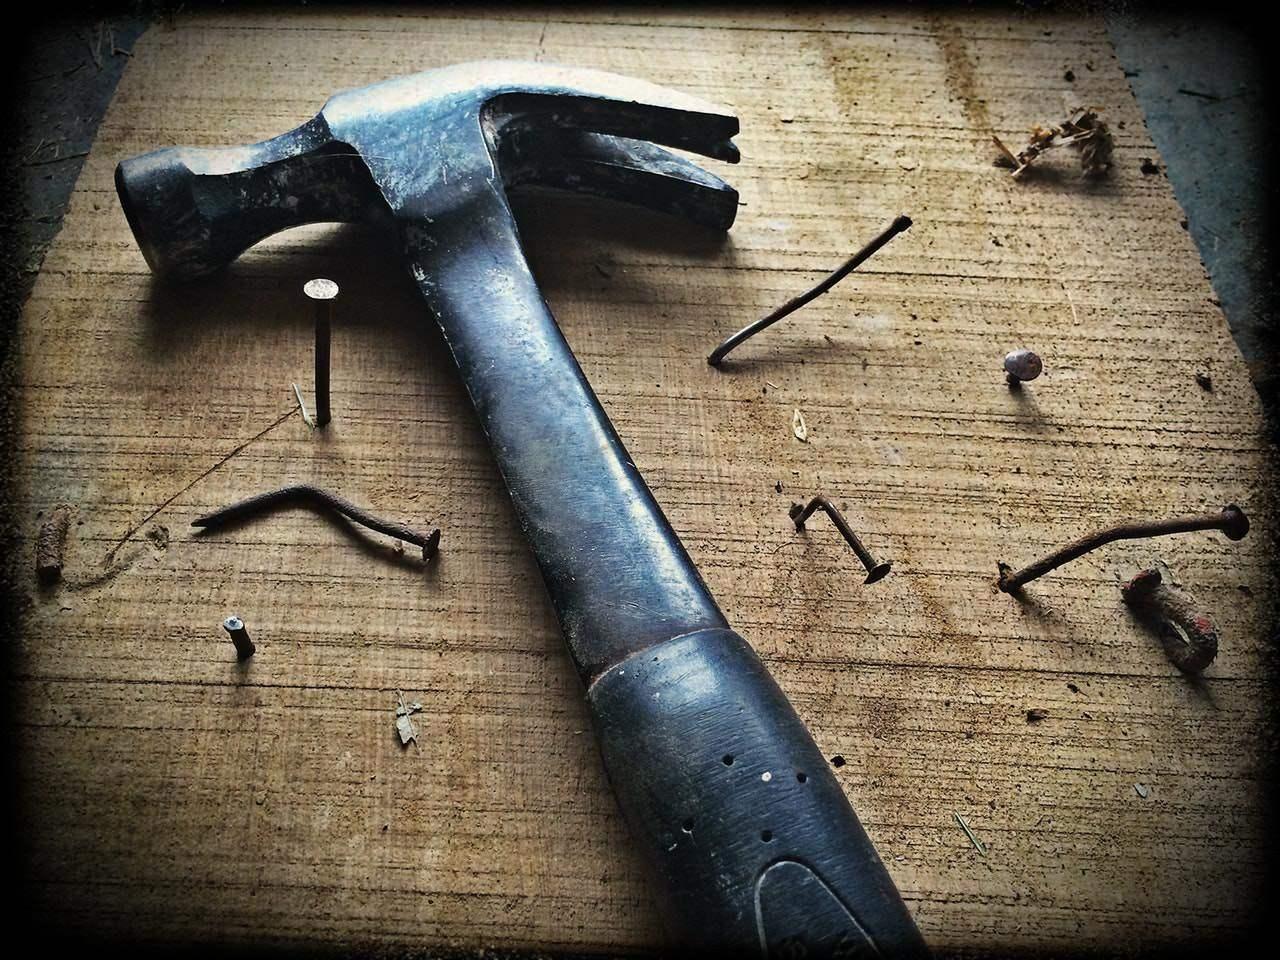 L'histoire du petit garçon qui plante des clous avec un marteau